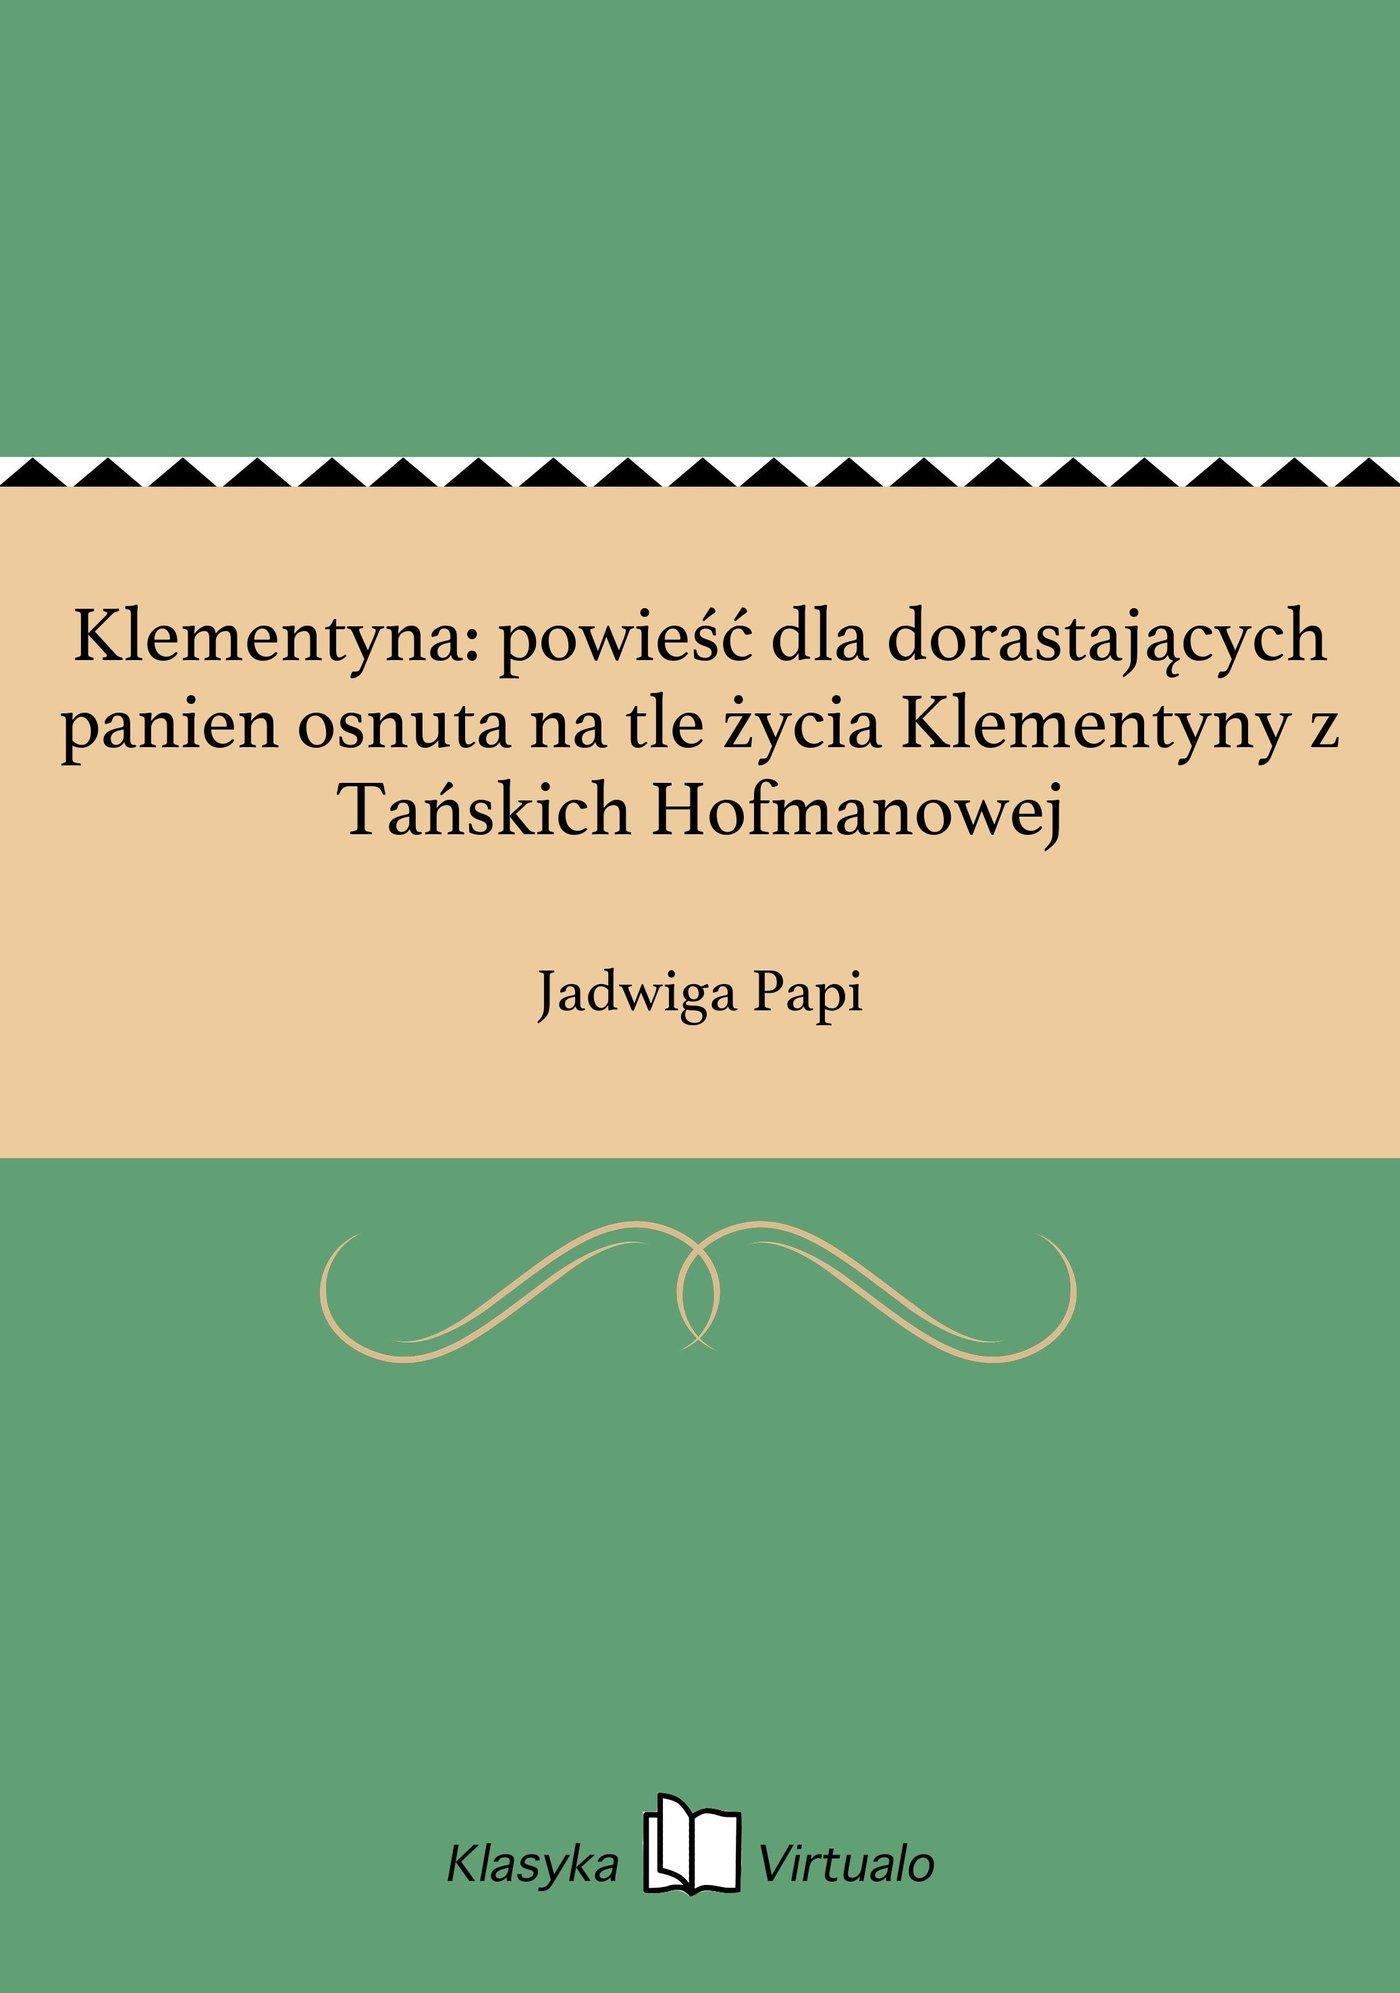 Klementyna: powieść dla dorastających panien osnuta na tle życia Klementyny z Tańskich Hofmanowej - Ebook (Książka EPUB) do pobrania w formacie EPUB